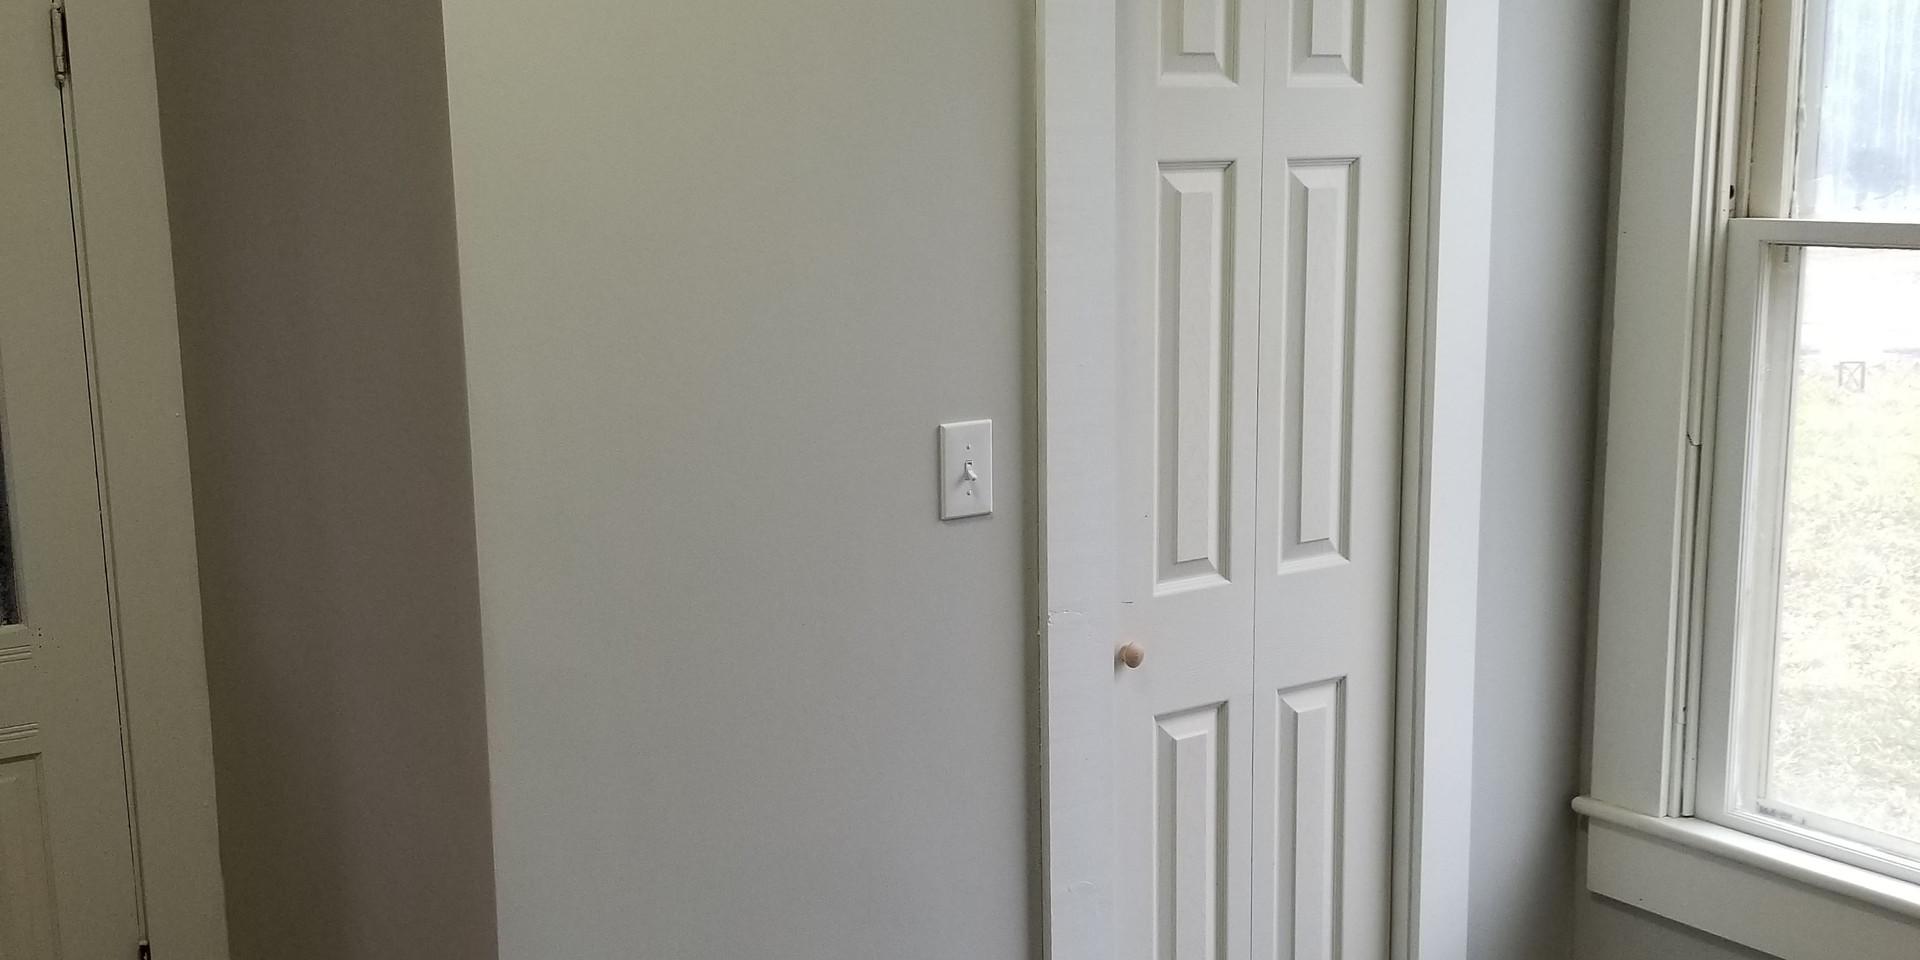 Closet Add-In